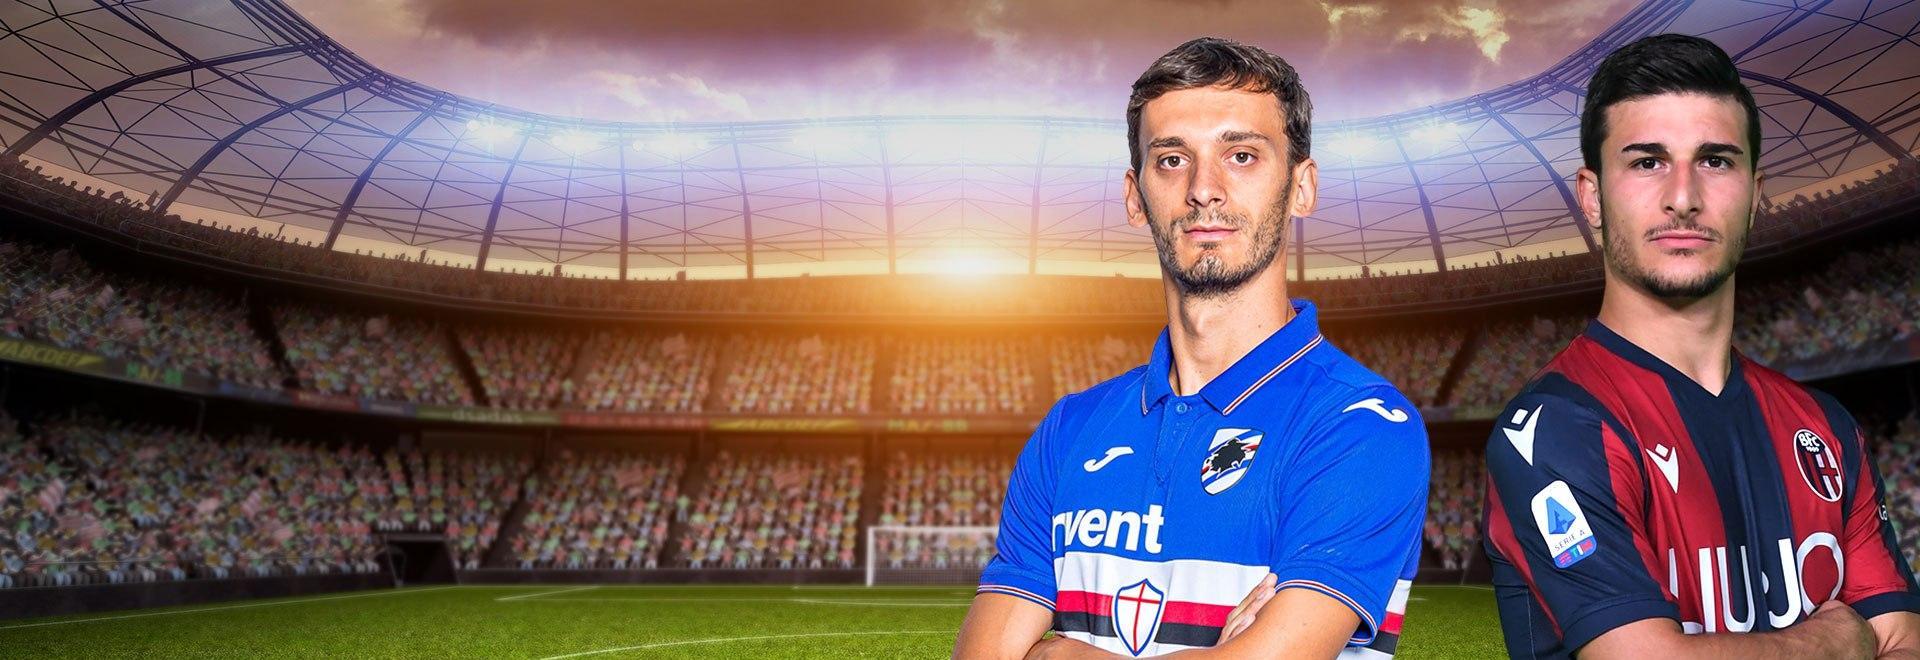 Sampdoria - Bologna. 28a g.